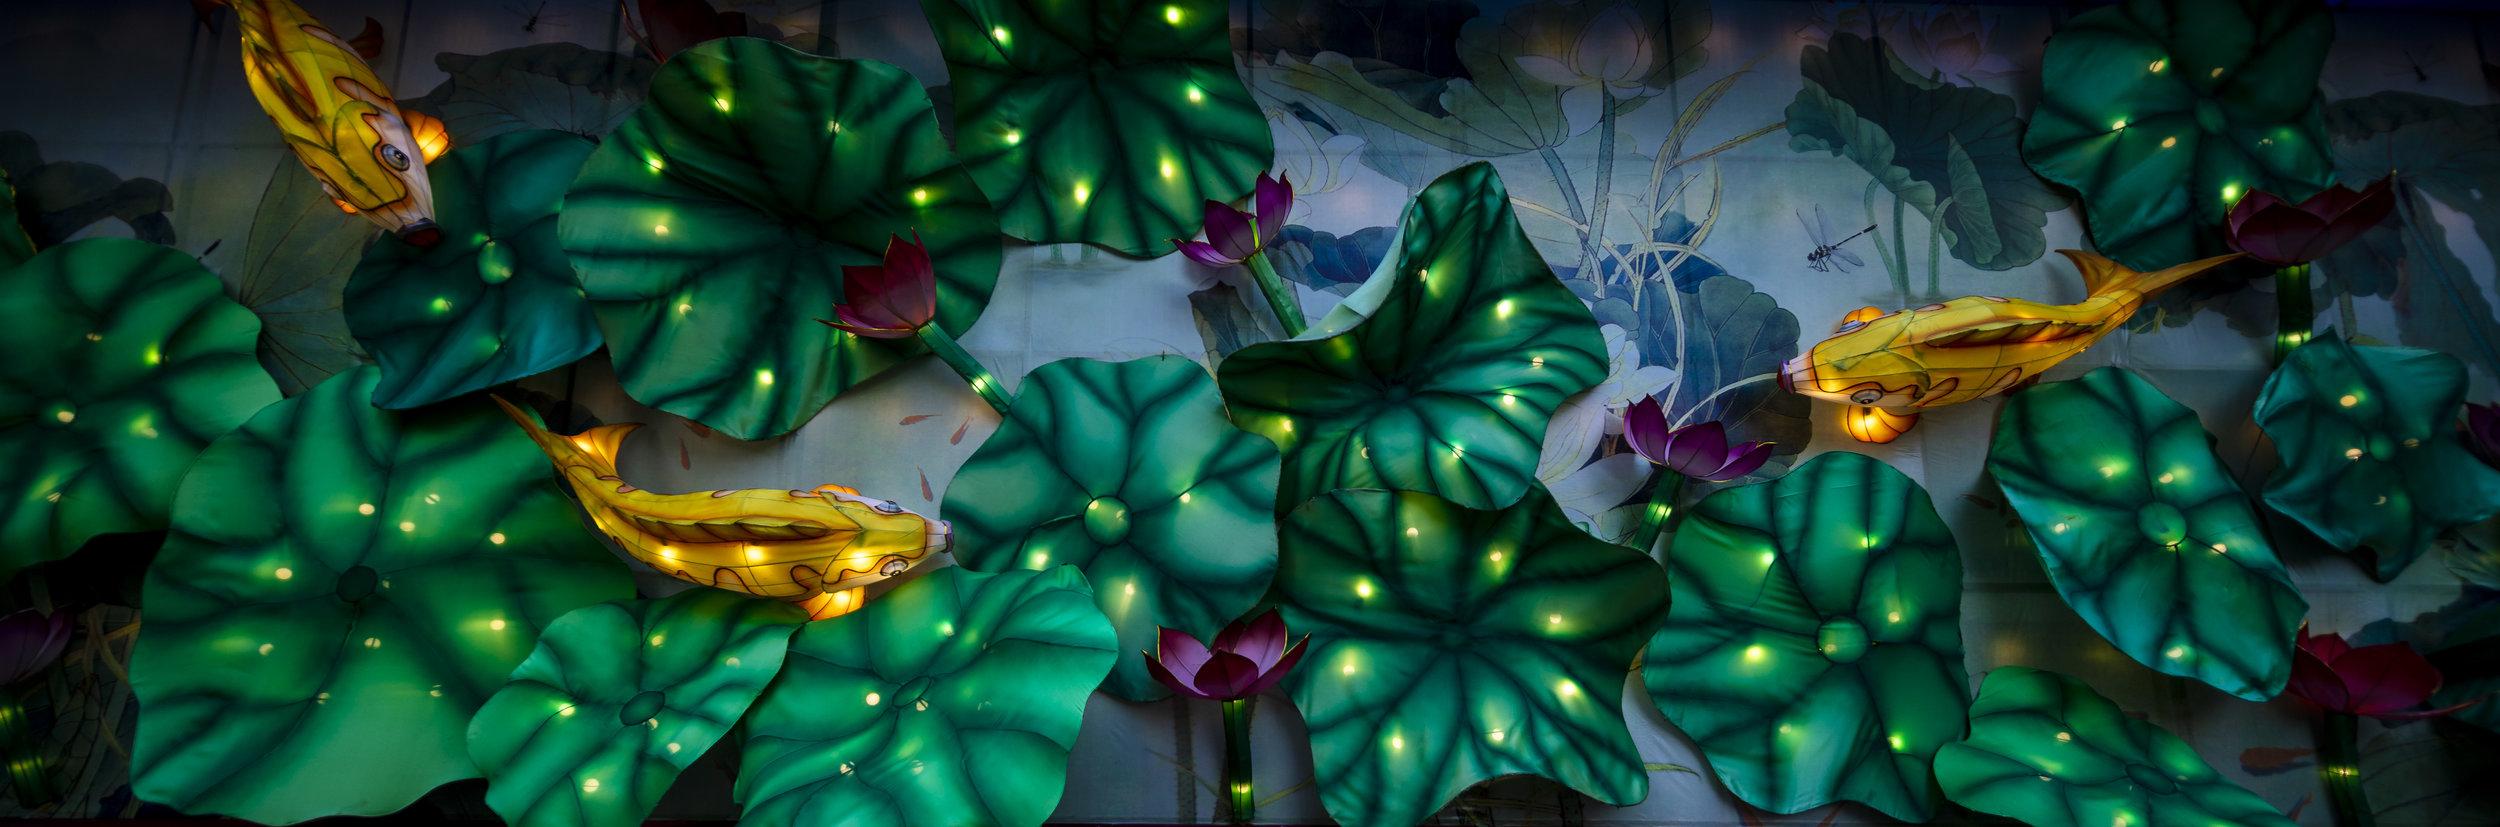 Asian Lanterns2.jpg